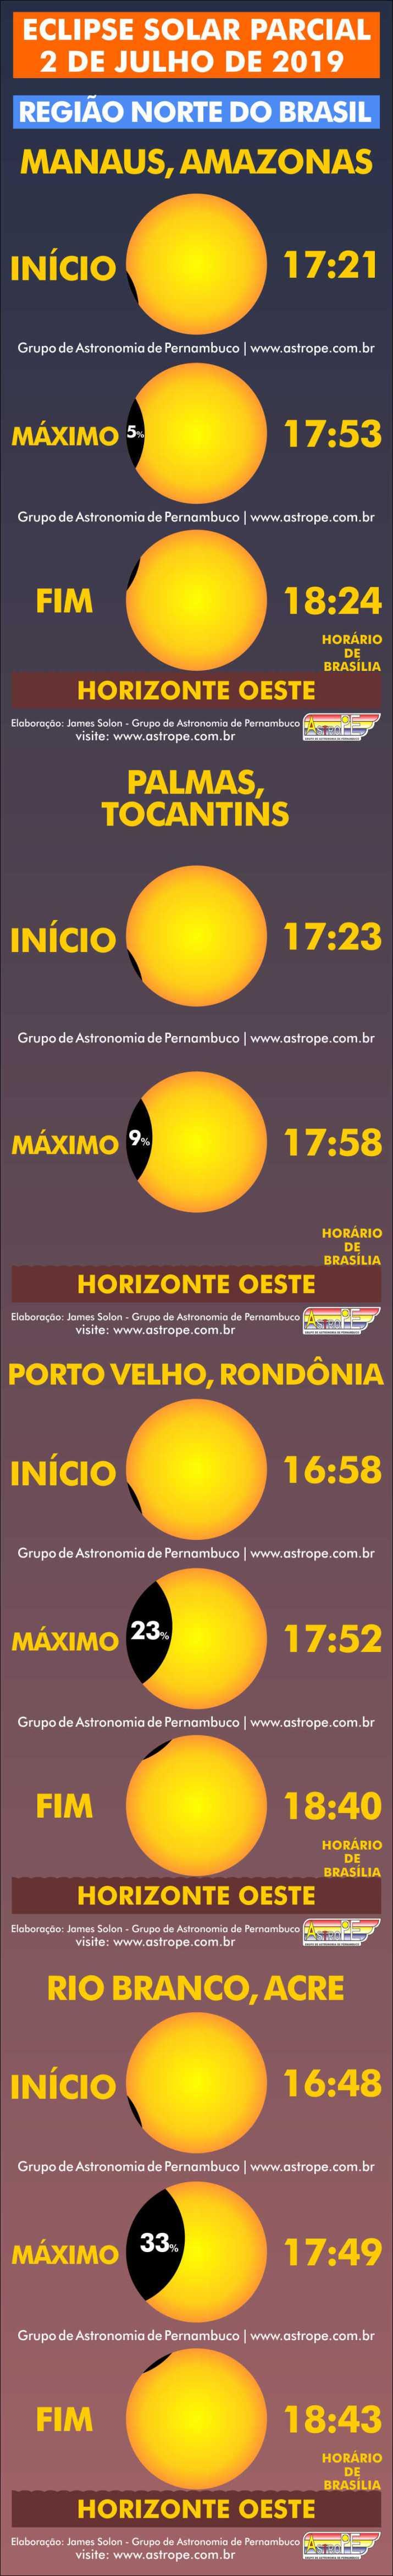 Horários do Eclipse Solar Parcial de 2 de julho de 2019 no Brasil na Região Norte. Crédito: AstroPE.